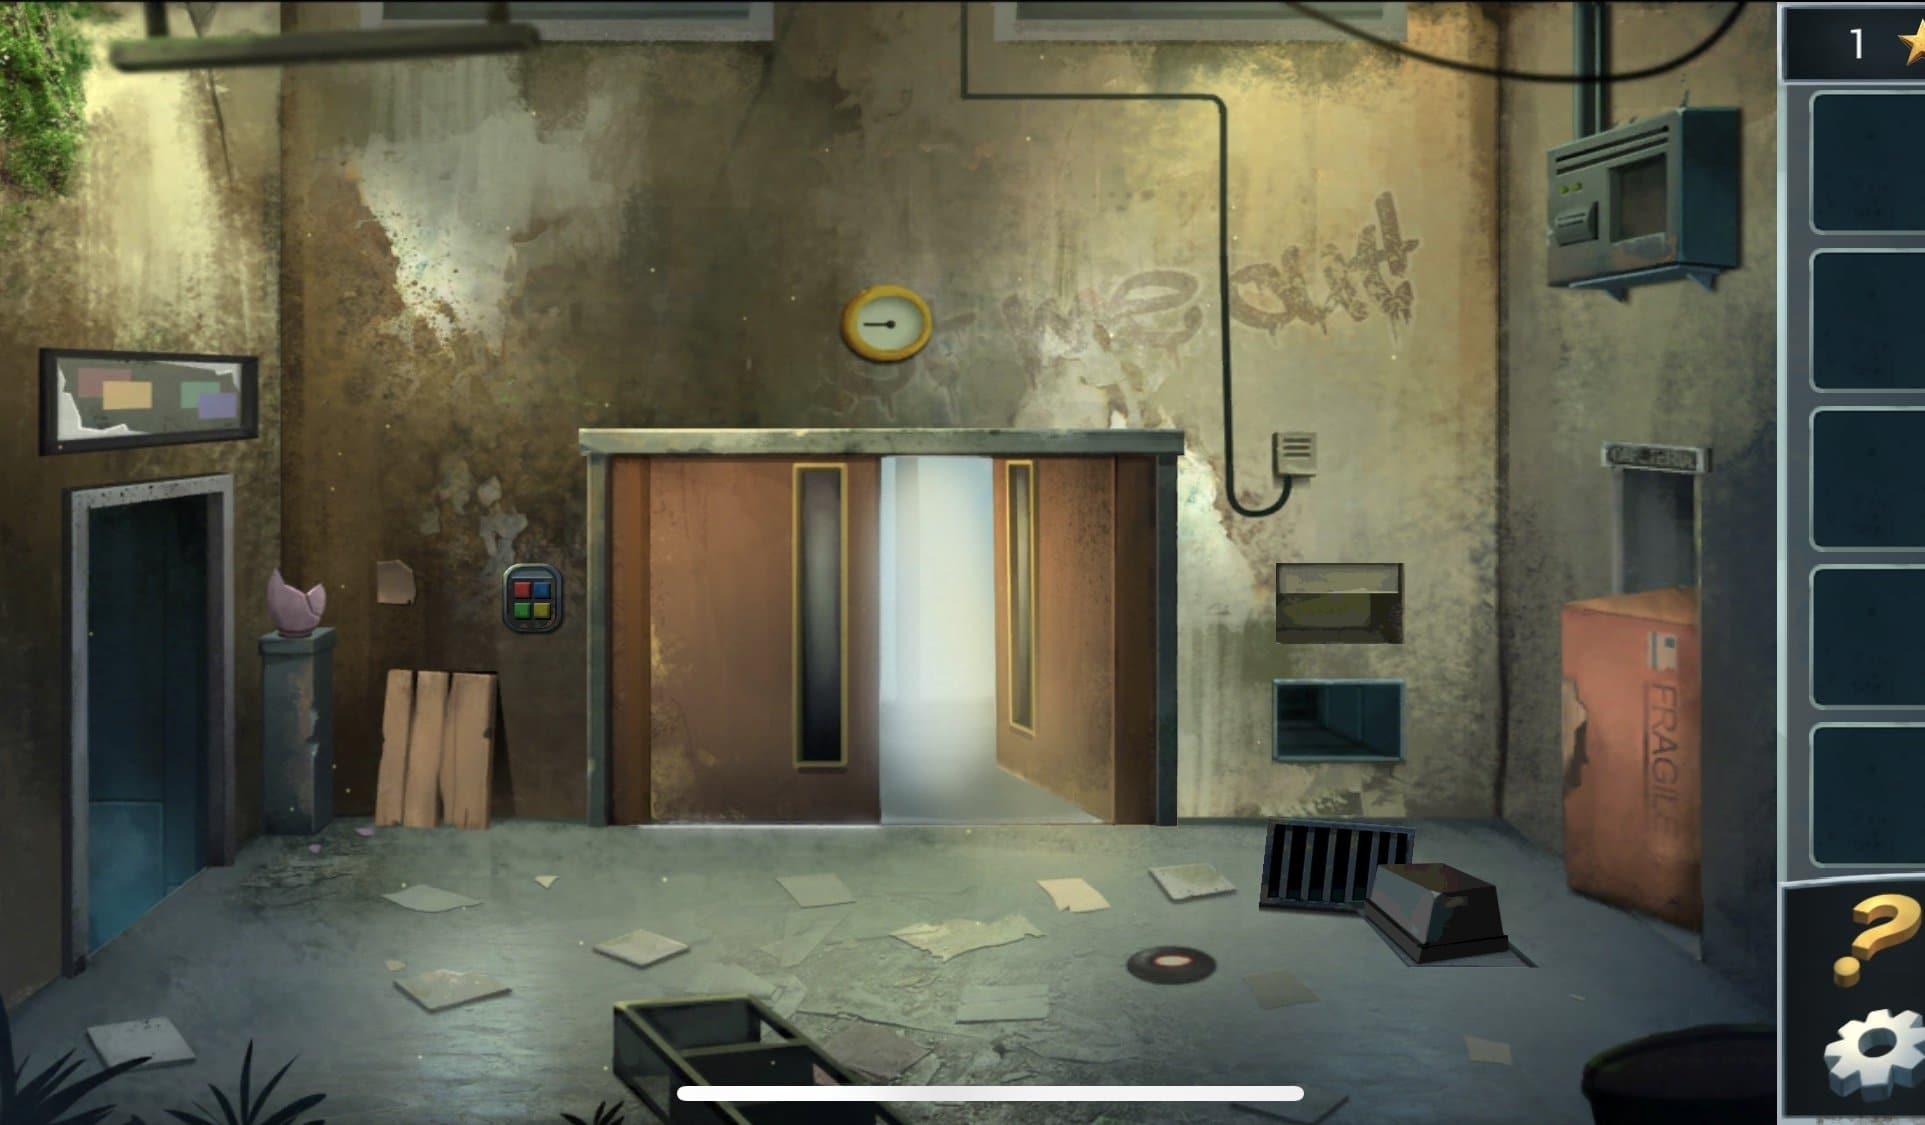 Для тех, кто еще не играл в данную игру есть возможность скачать ее ниже, нажав на картинку в зависимости от Вашего устройства. Желаю успешного прохождения головоломки: побег из тюрьмы.